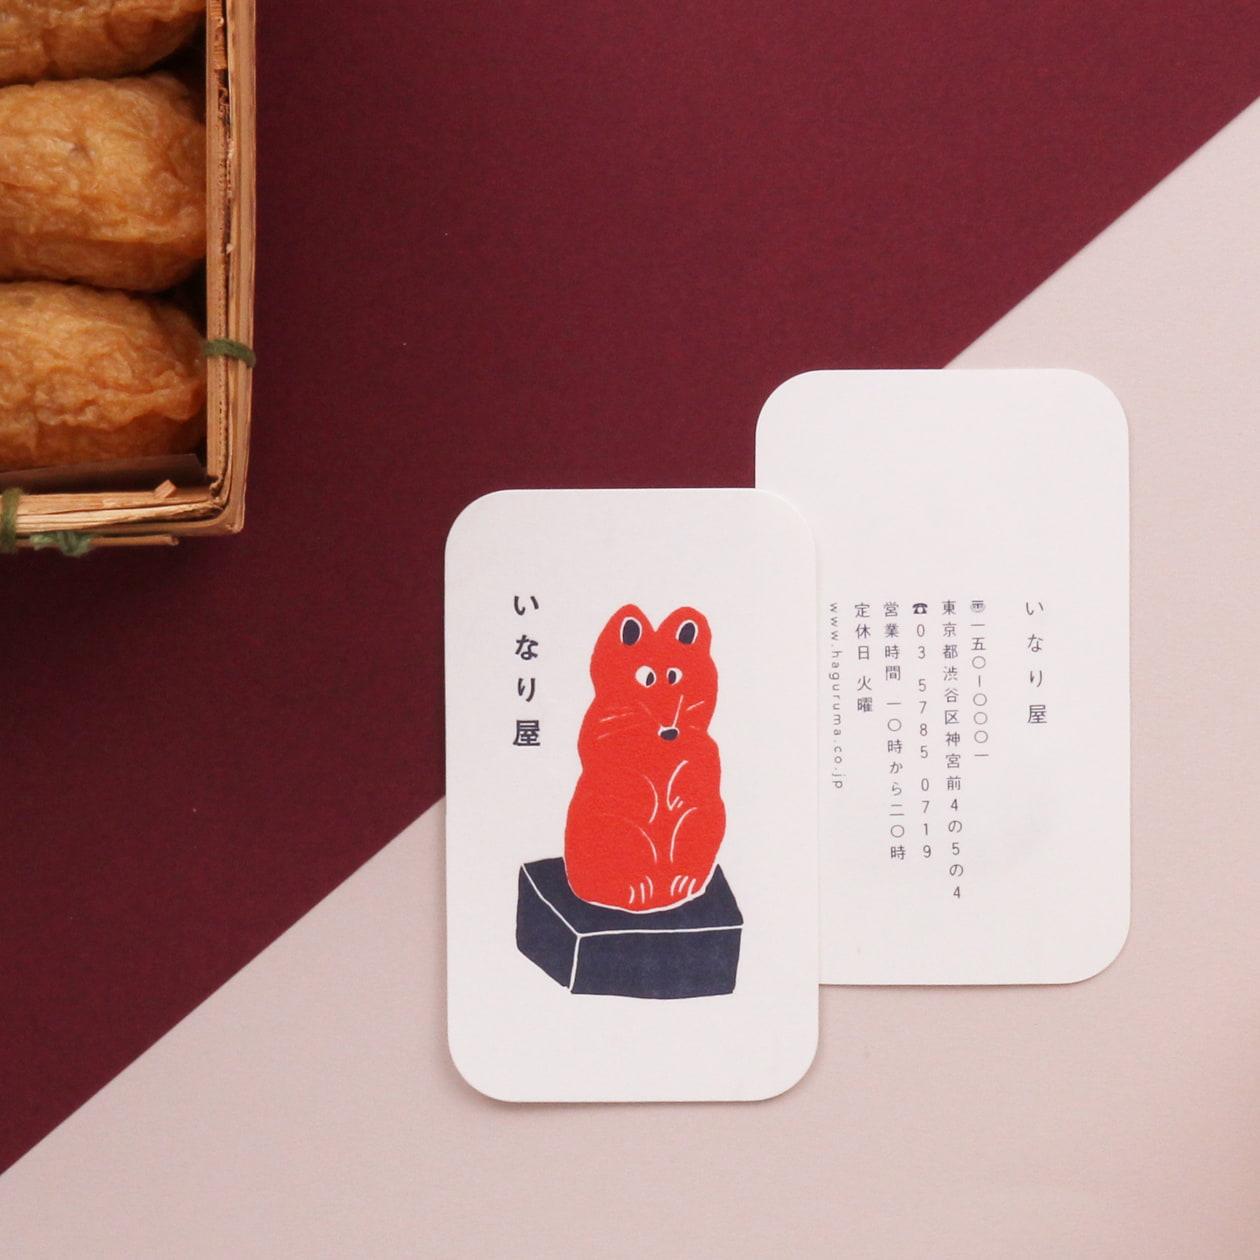 特殊な印刷でマットな質感と手触りが楽しめる いなり寿司屋のショップカード